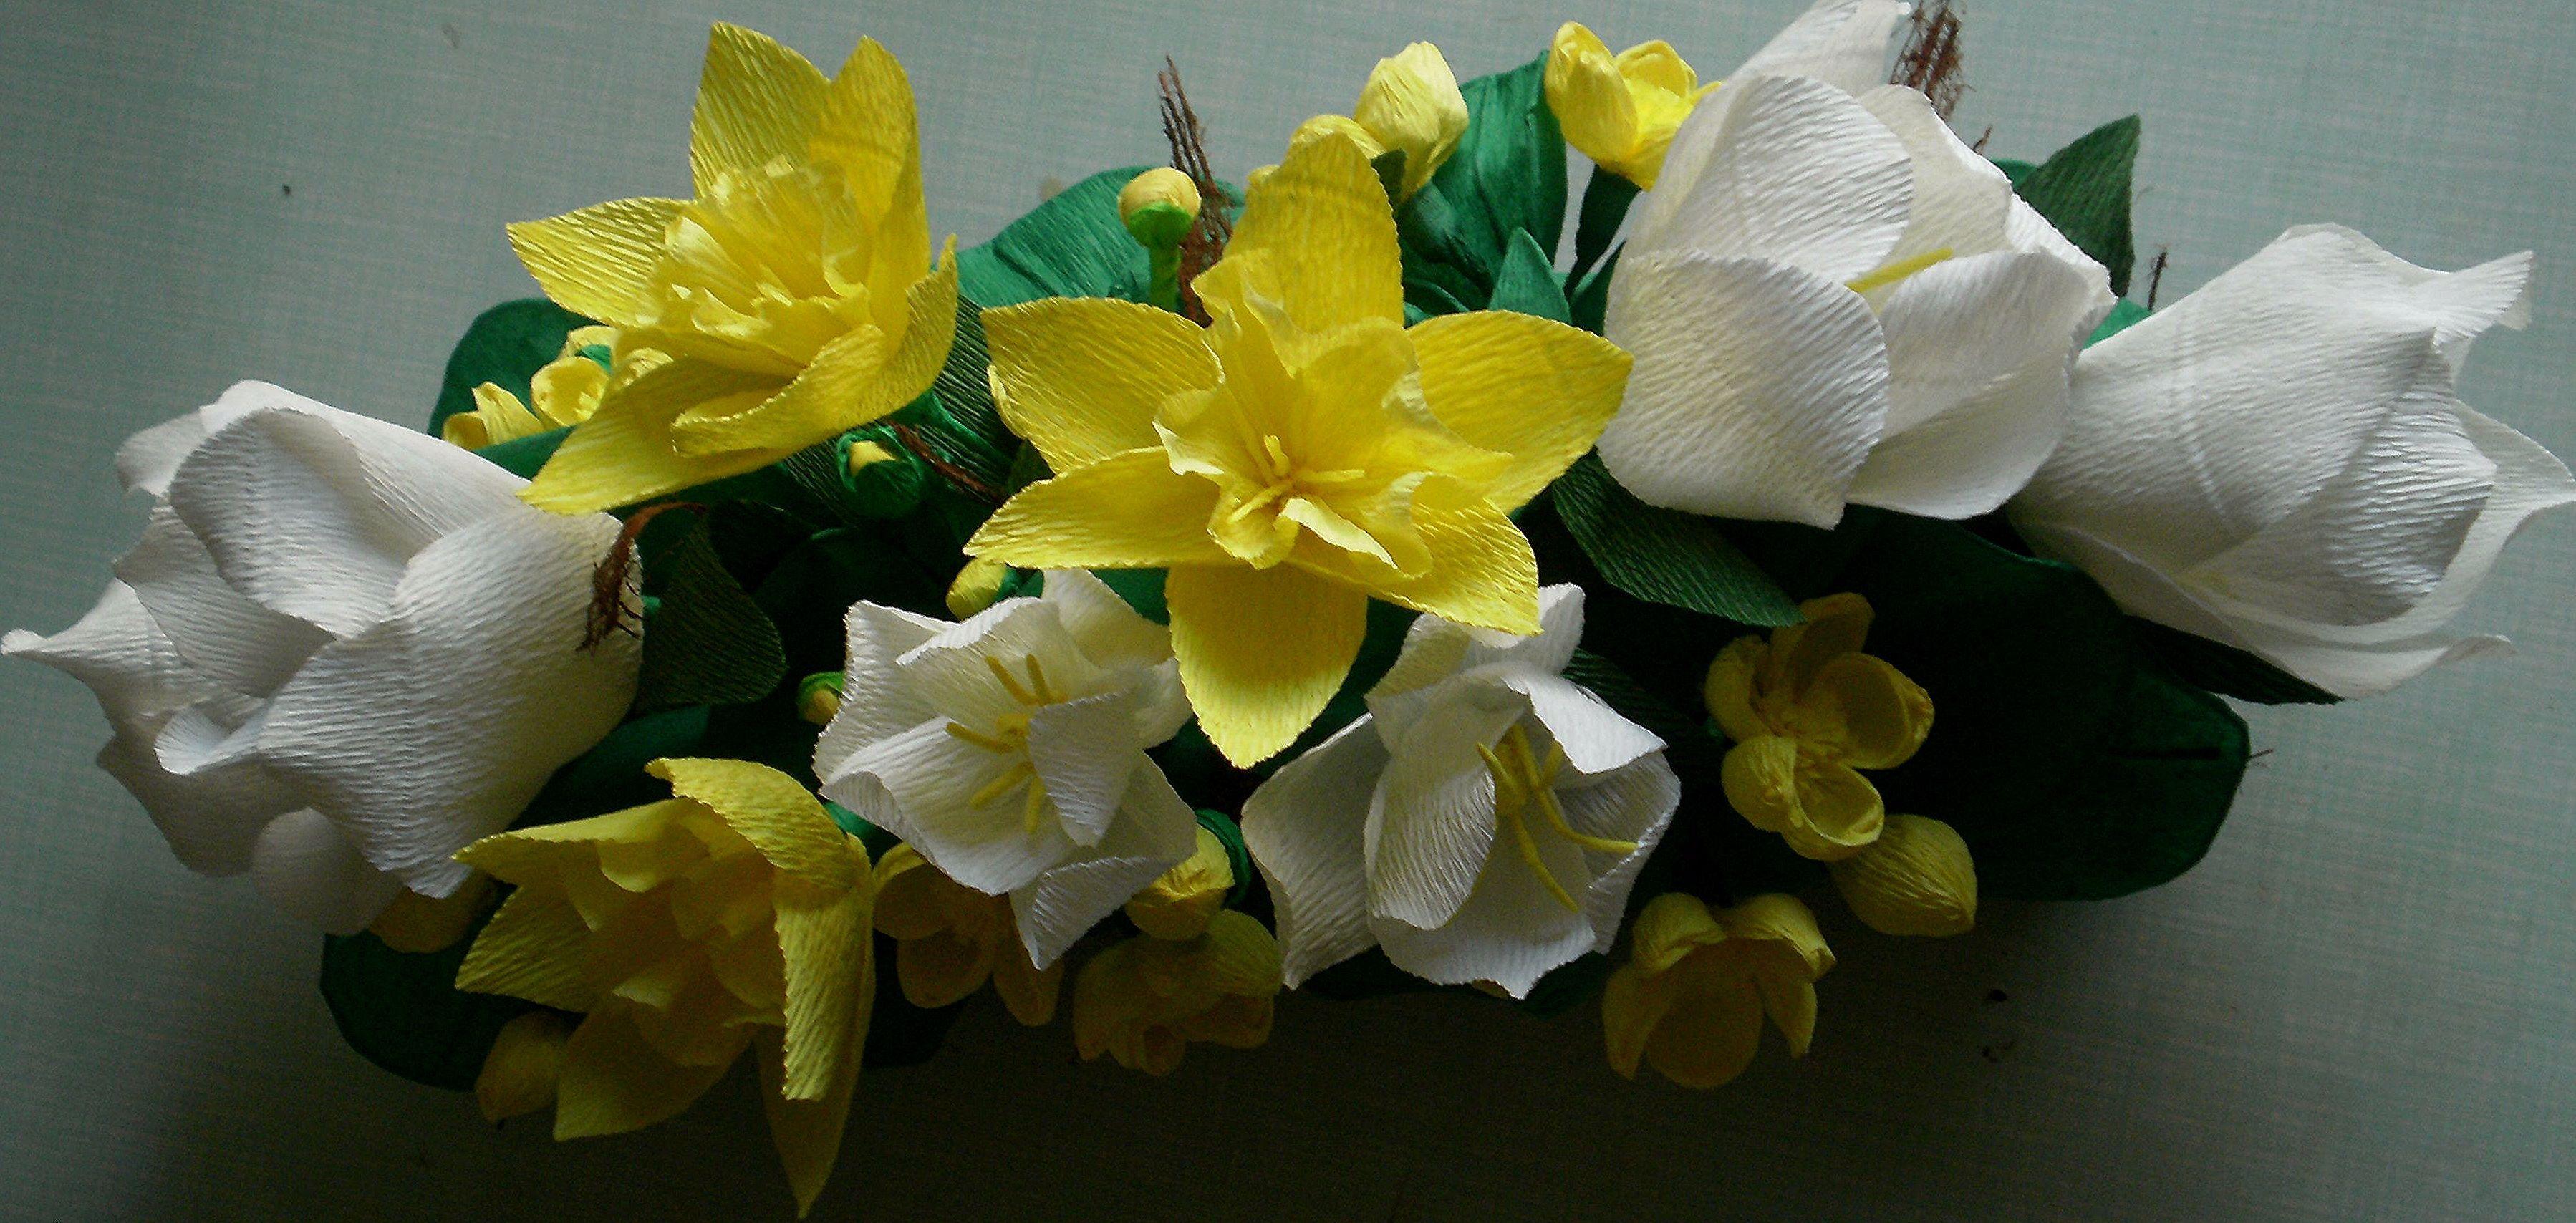 Kwiaty Tulipany Zonkile Kaczence W Koszyku Z Wikliny Papierowej Daffodils Modern Disney Bridal Crown